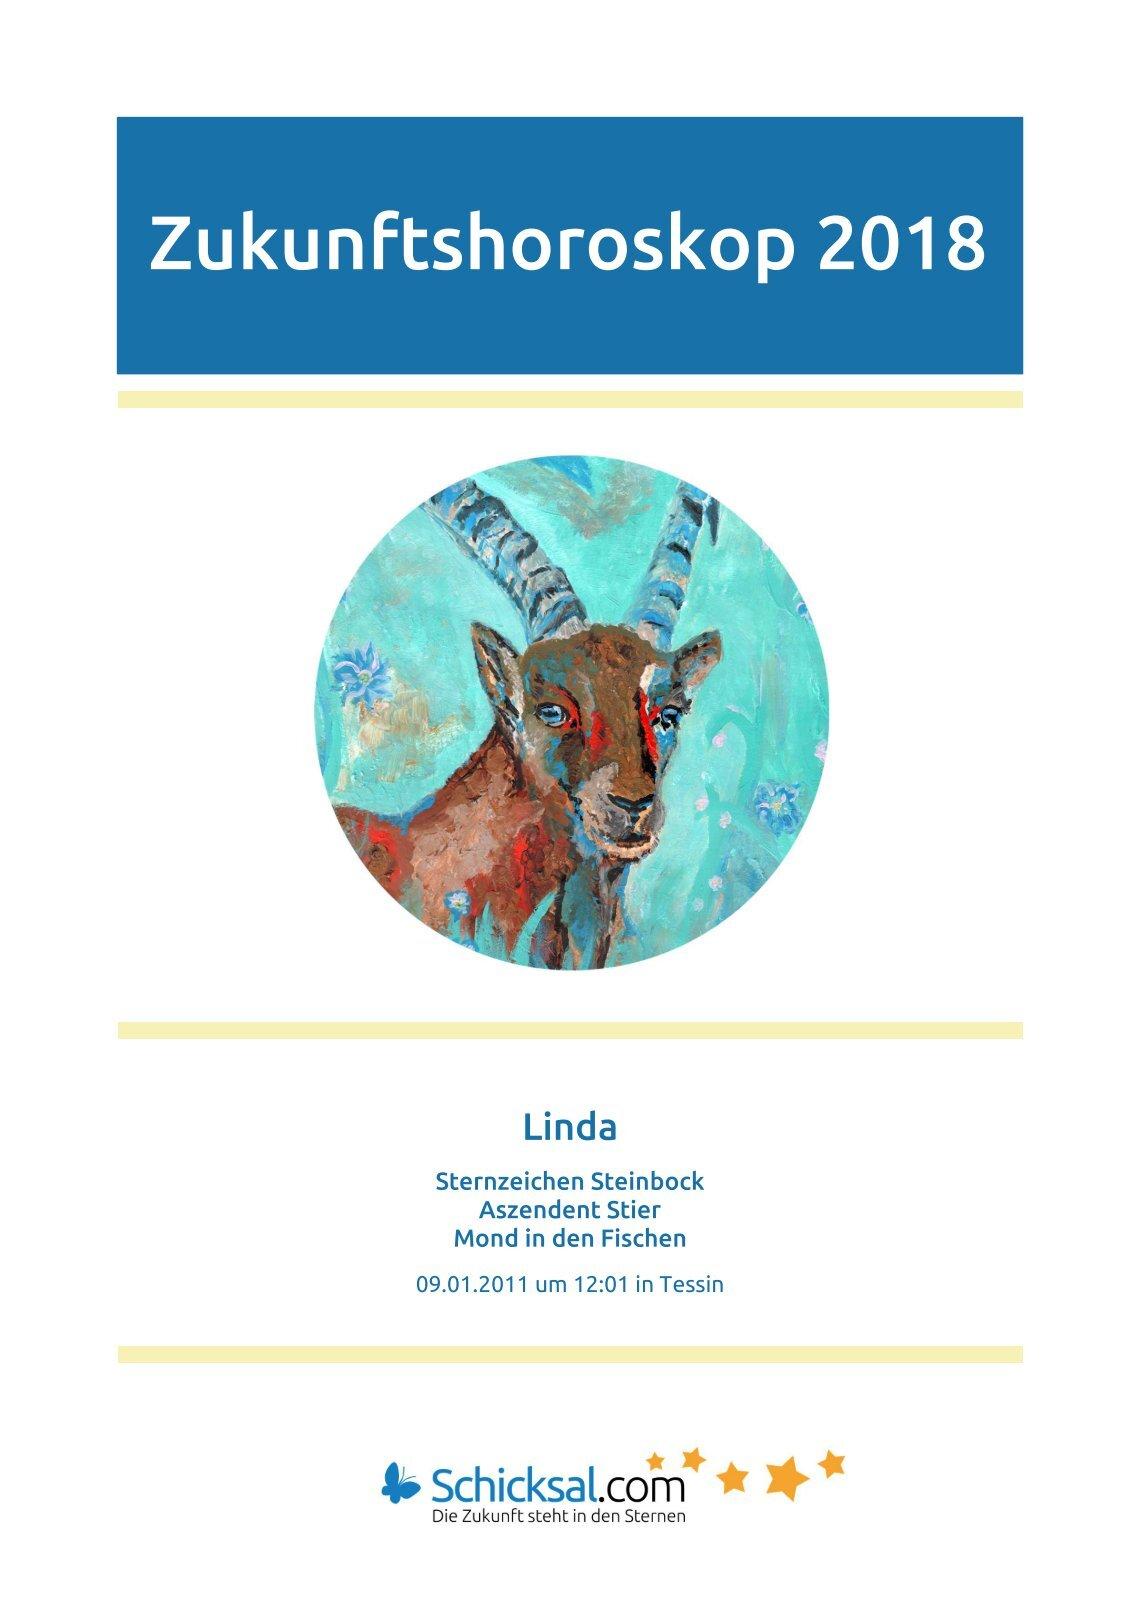 Zukunftshoroskop 2018 Steinbock